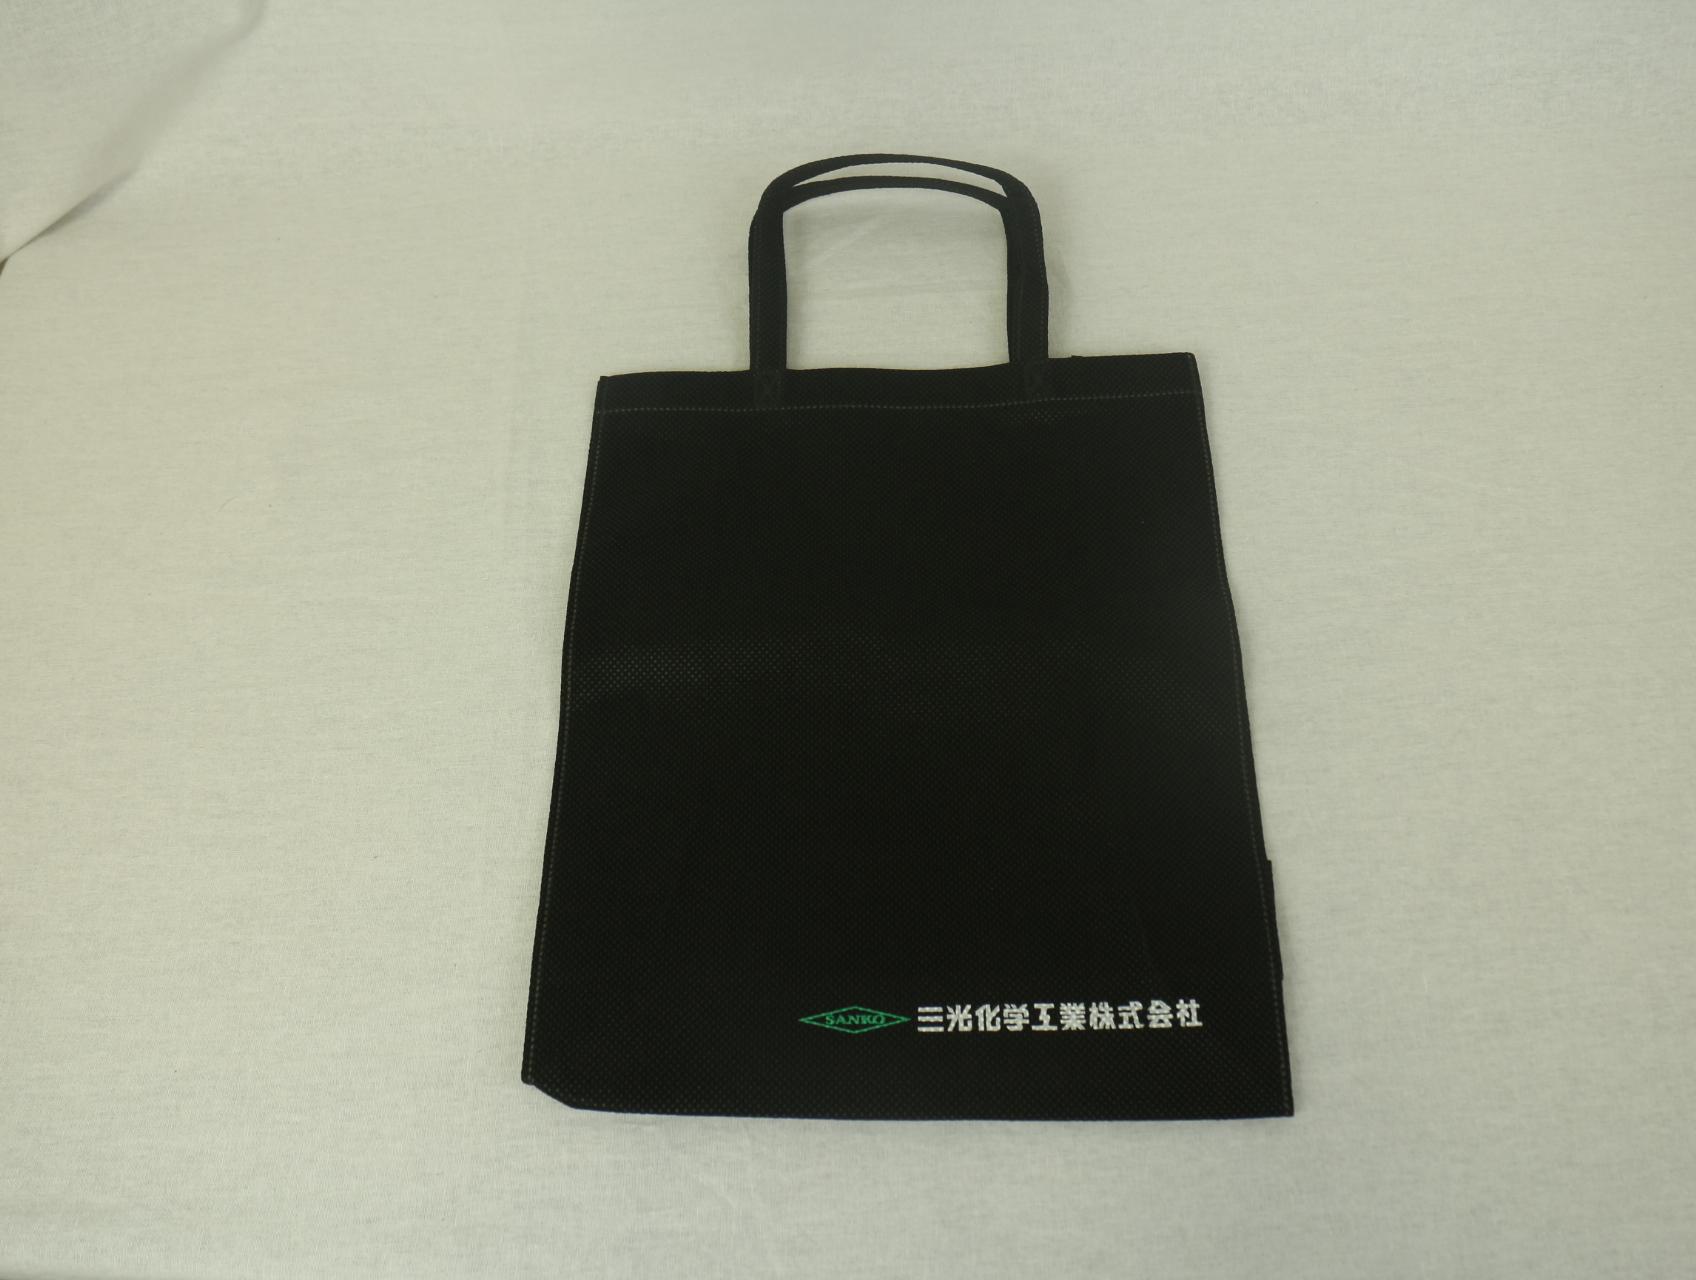 産業・農業用防毒などの販売もされています会社様のオリジナル不織布バッグ